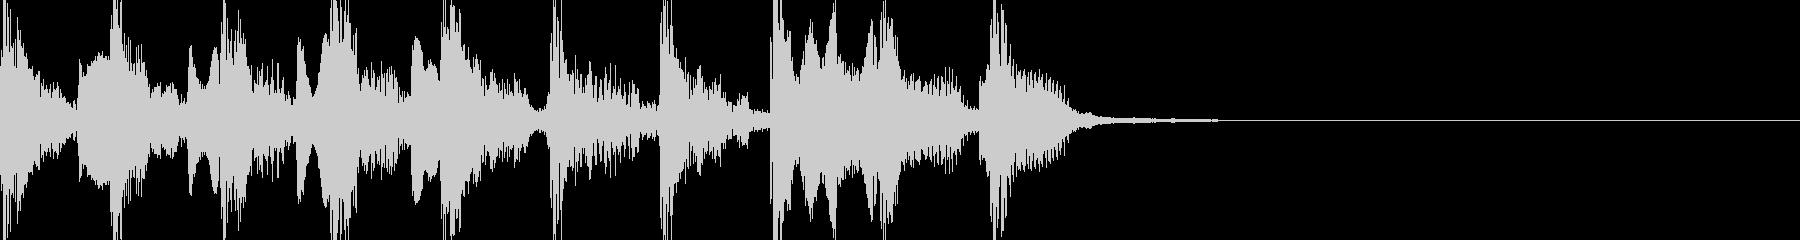 【ジングル】明るくコミカルなジングルの未再生の波形